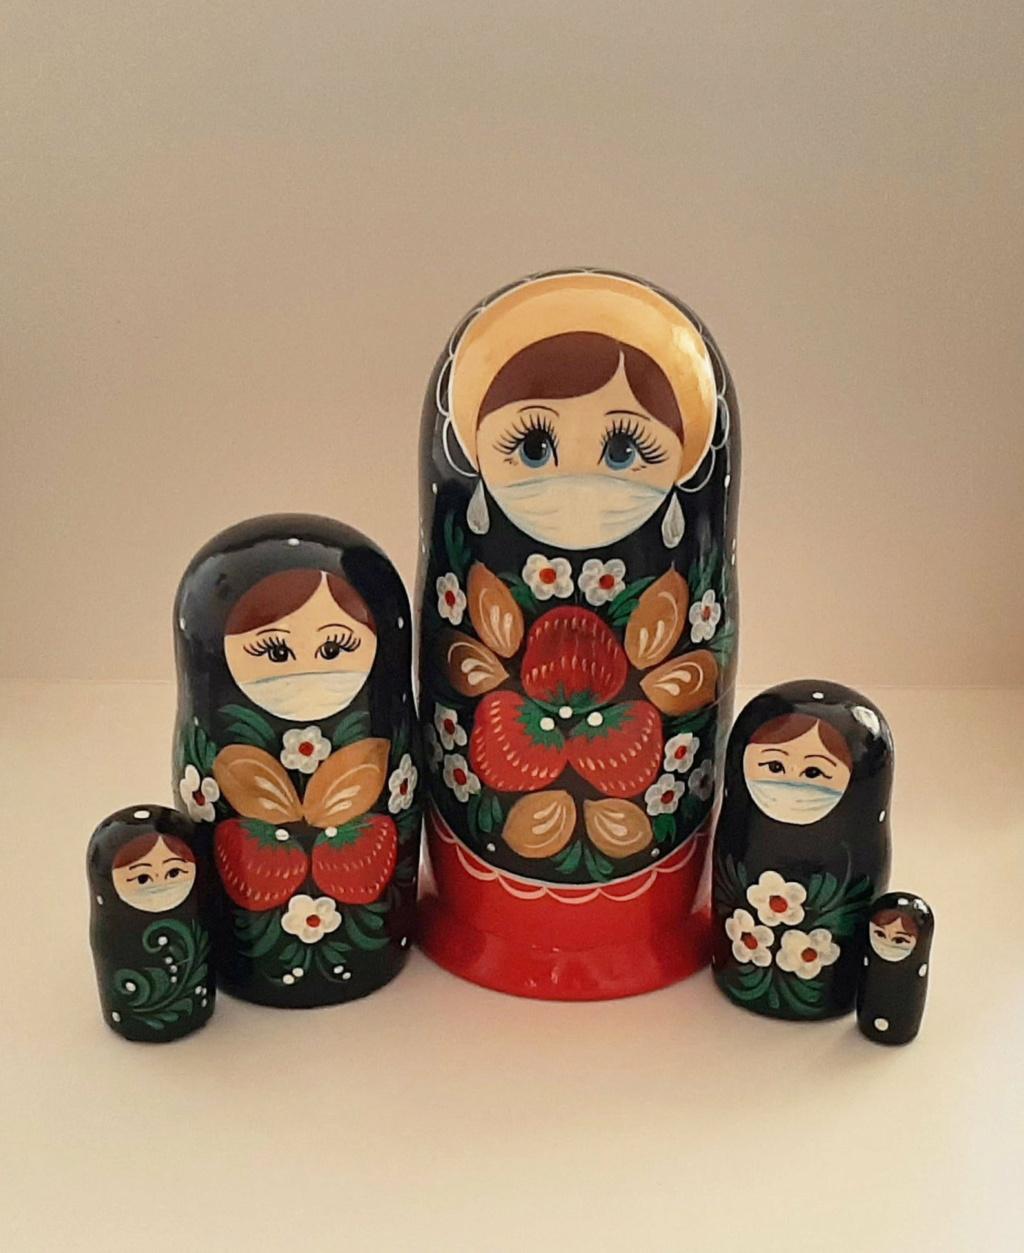 Muñecas rusas, matrioskas, mamushkas C15b6610